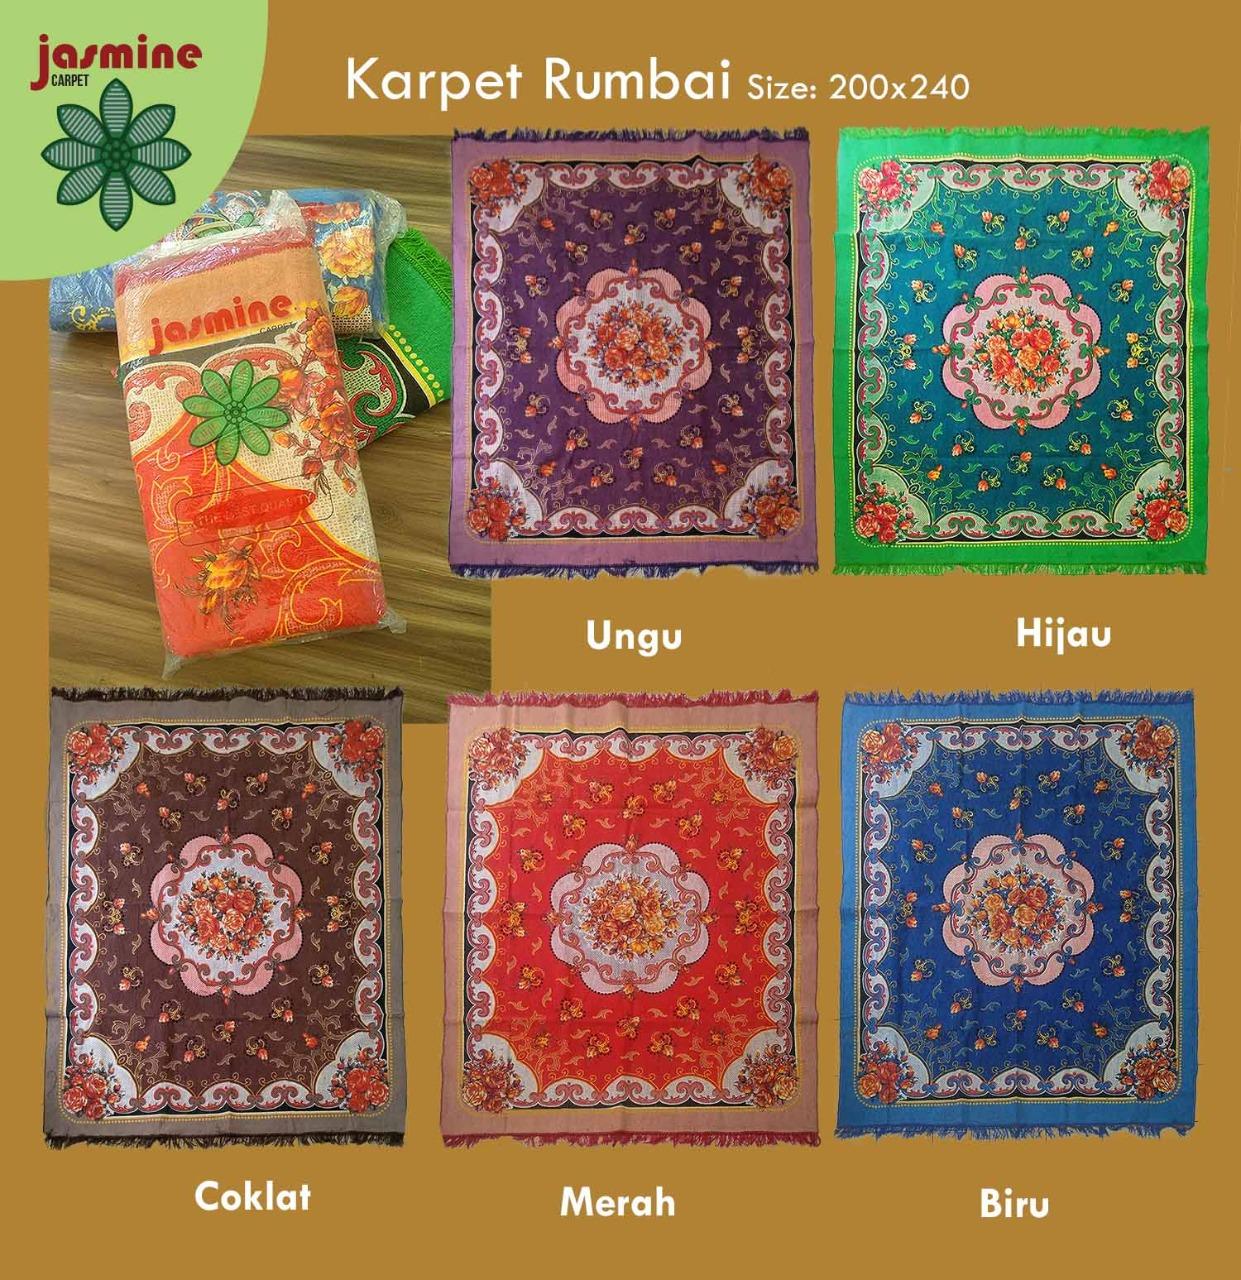 Karpet Permadani Merk Jaguar Membeli Jualan Online Tikar Karpet Dengan Harga Murah Lazada Indonesia Merk karpet yang bagus